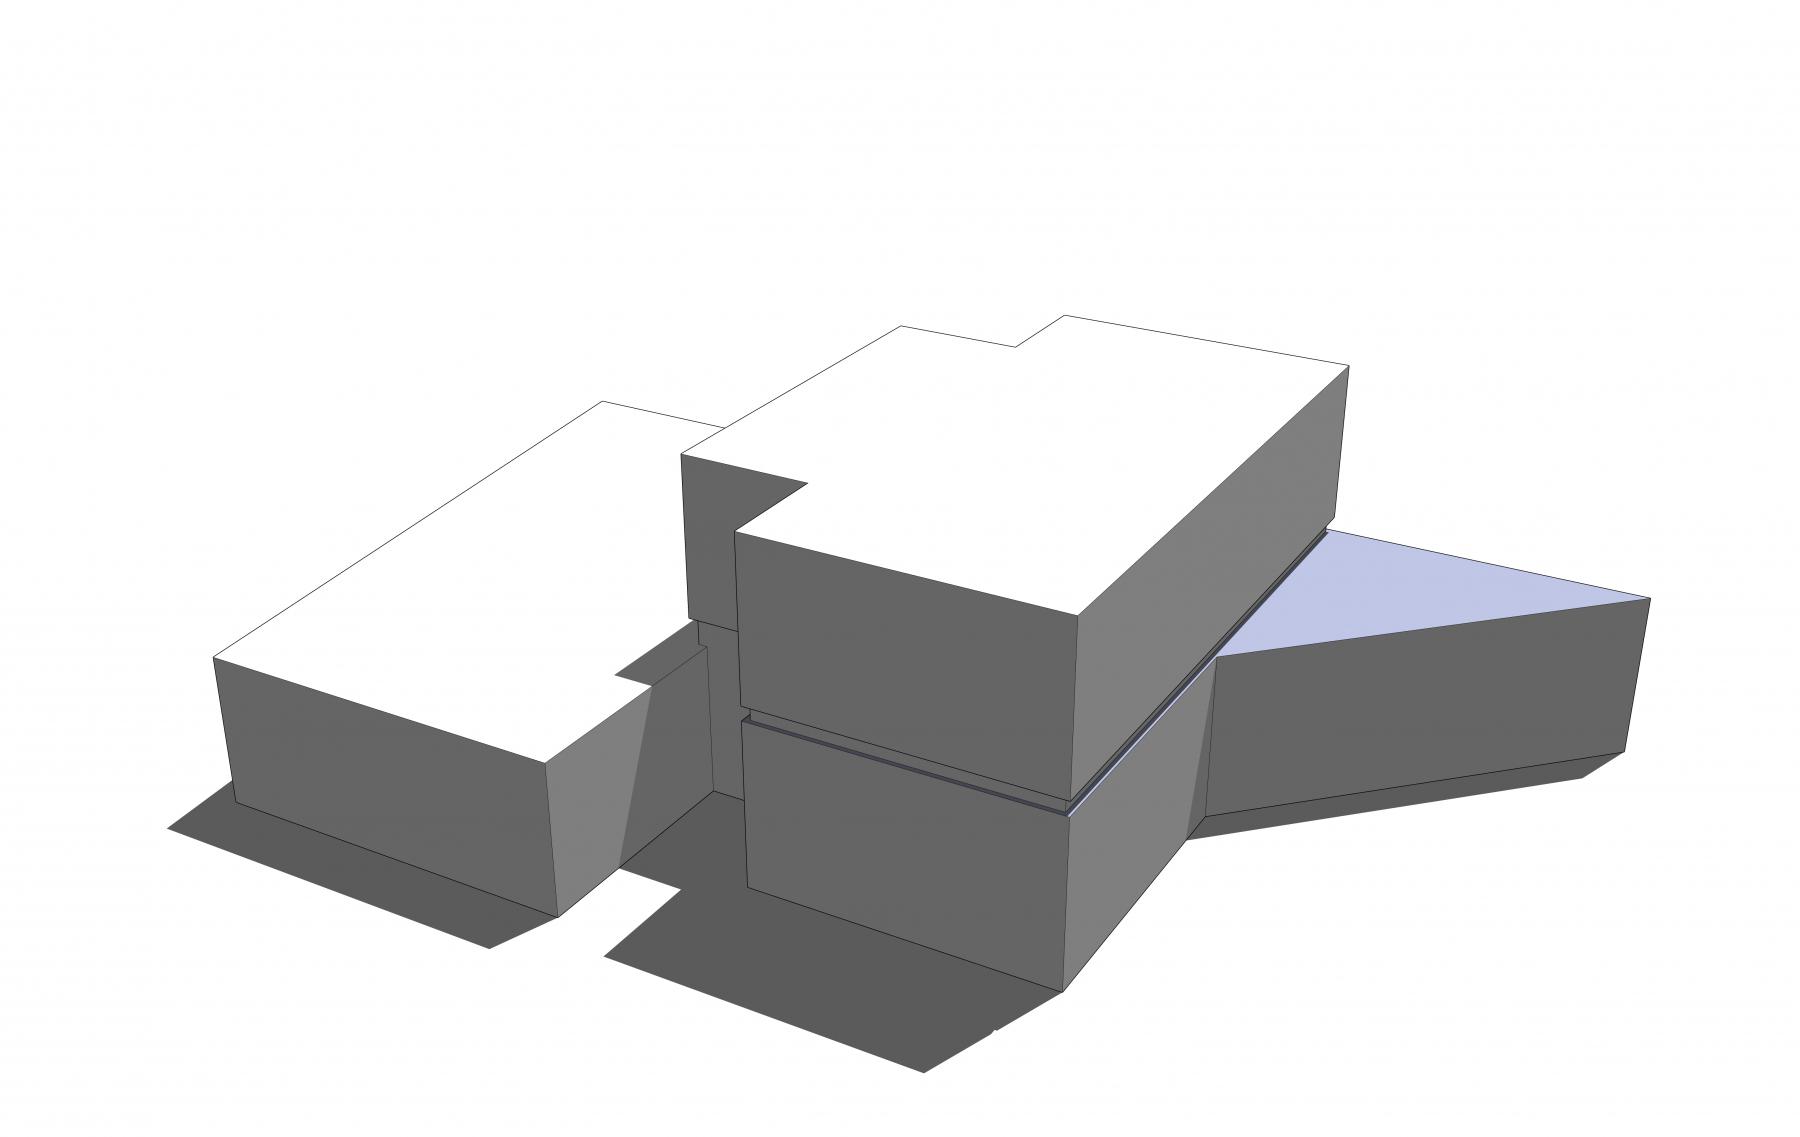 292-oosterhoutlaan-haarlem-animatie-5